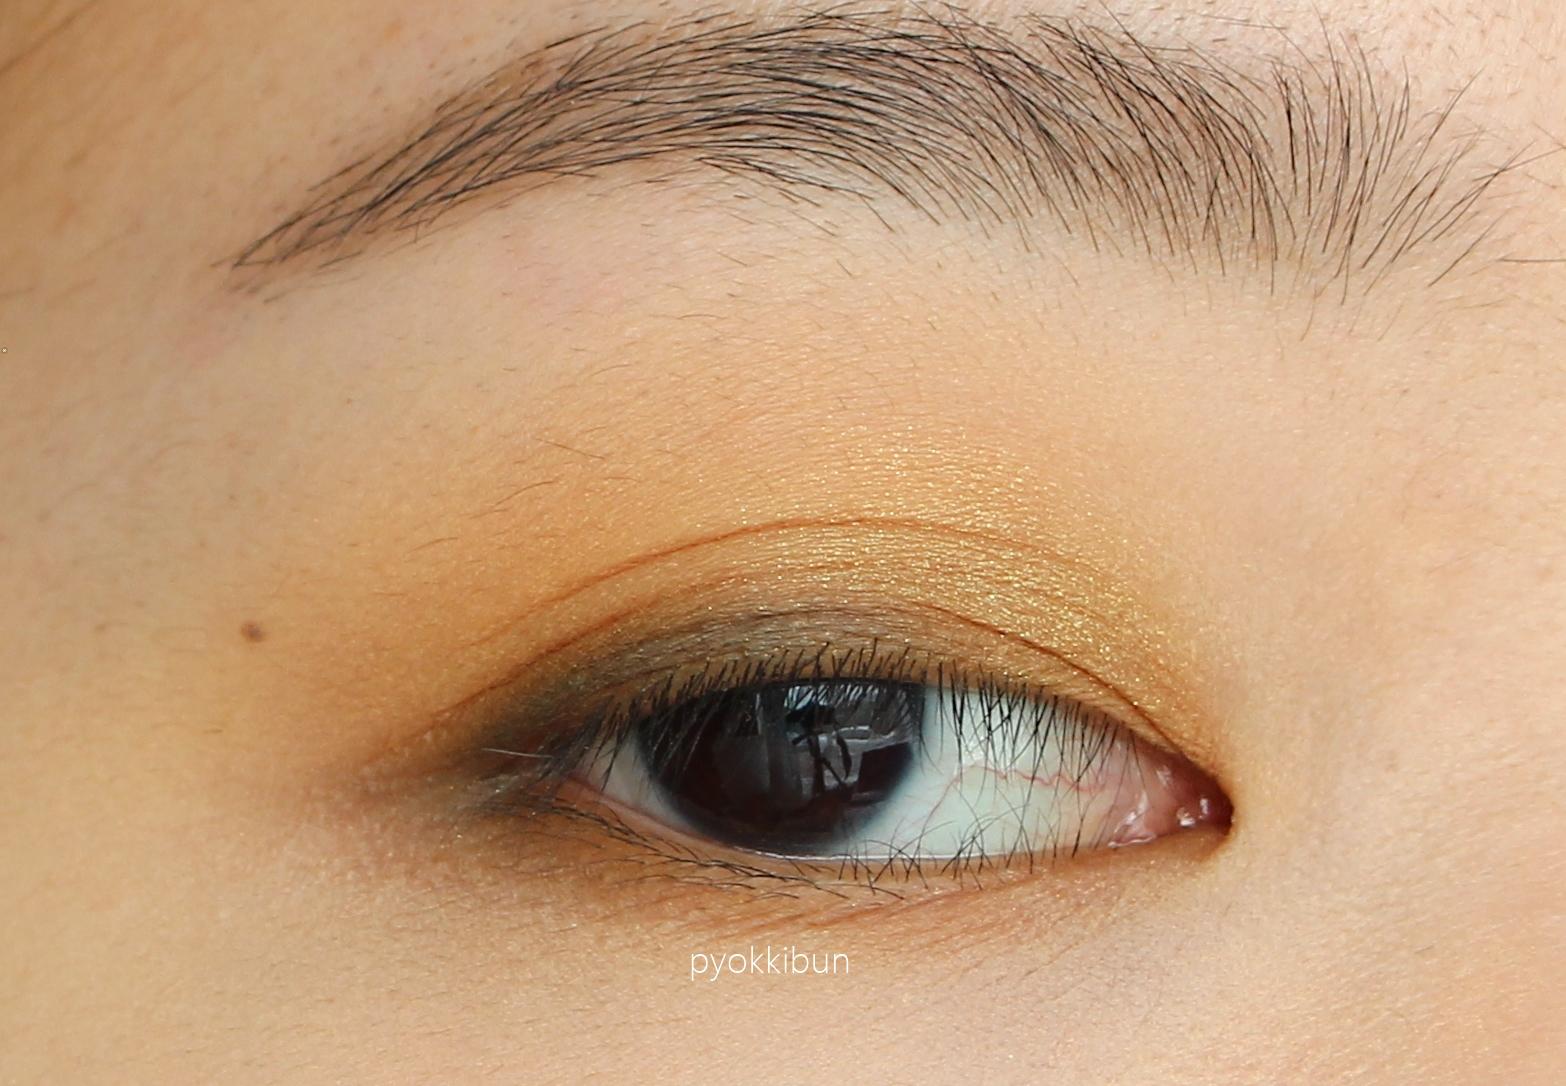 Simple Yellow Eye Makeup Pyokkibun